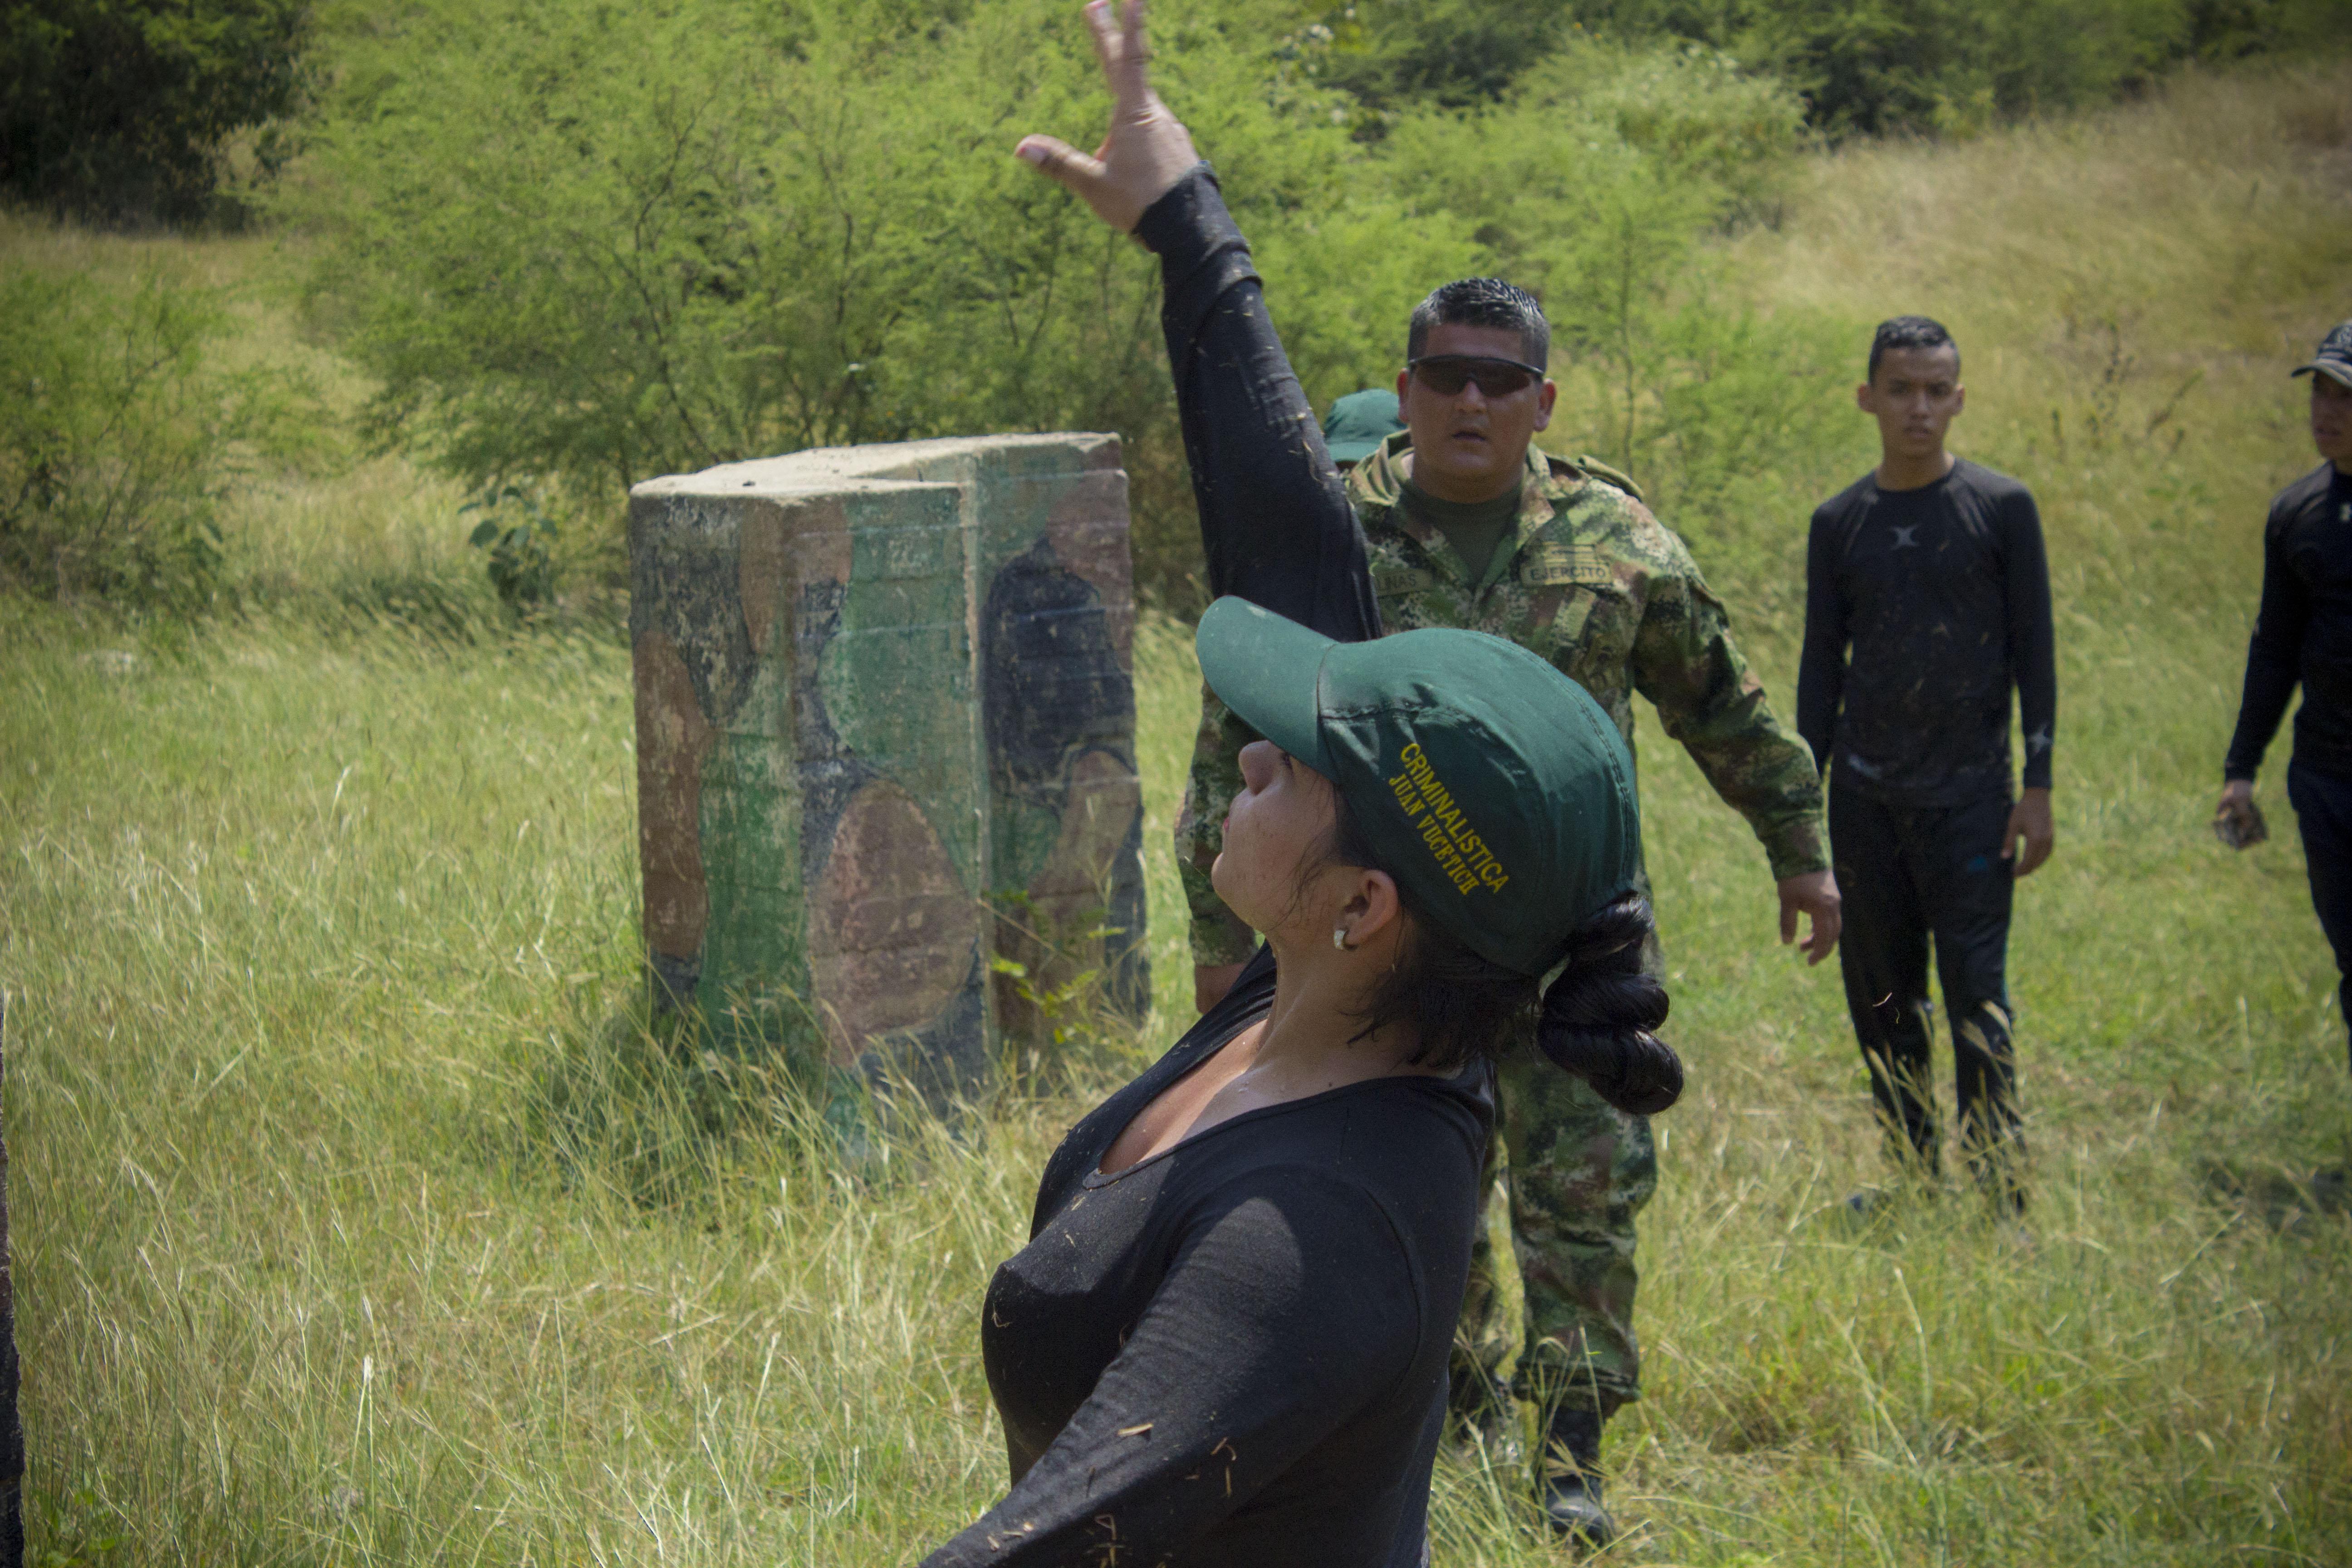 Lanzamiento de granada